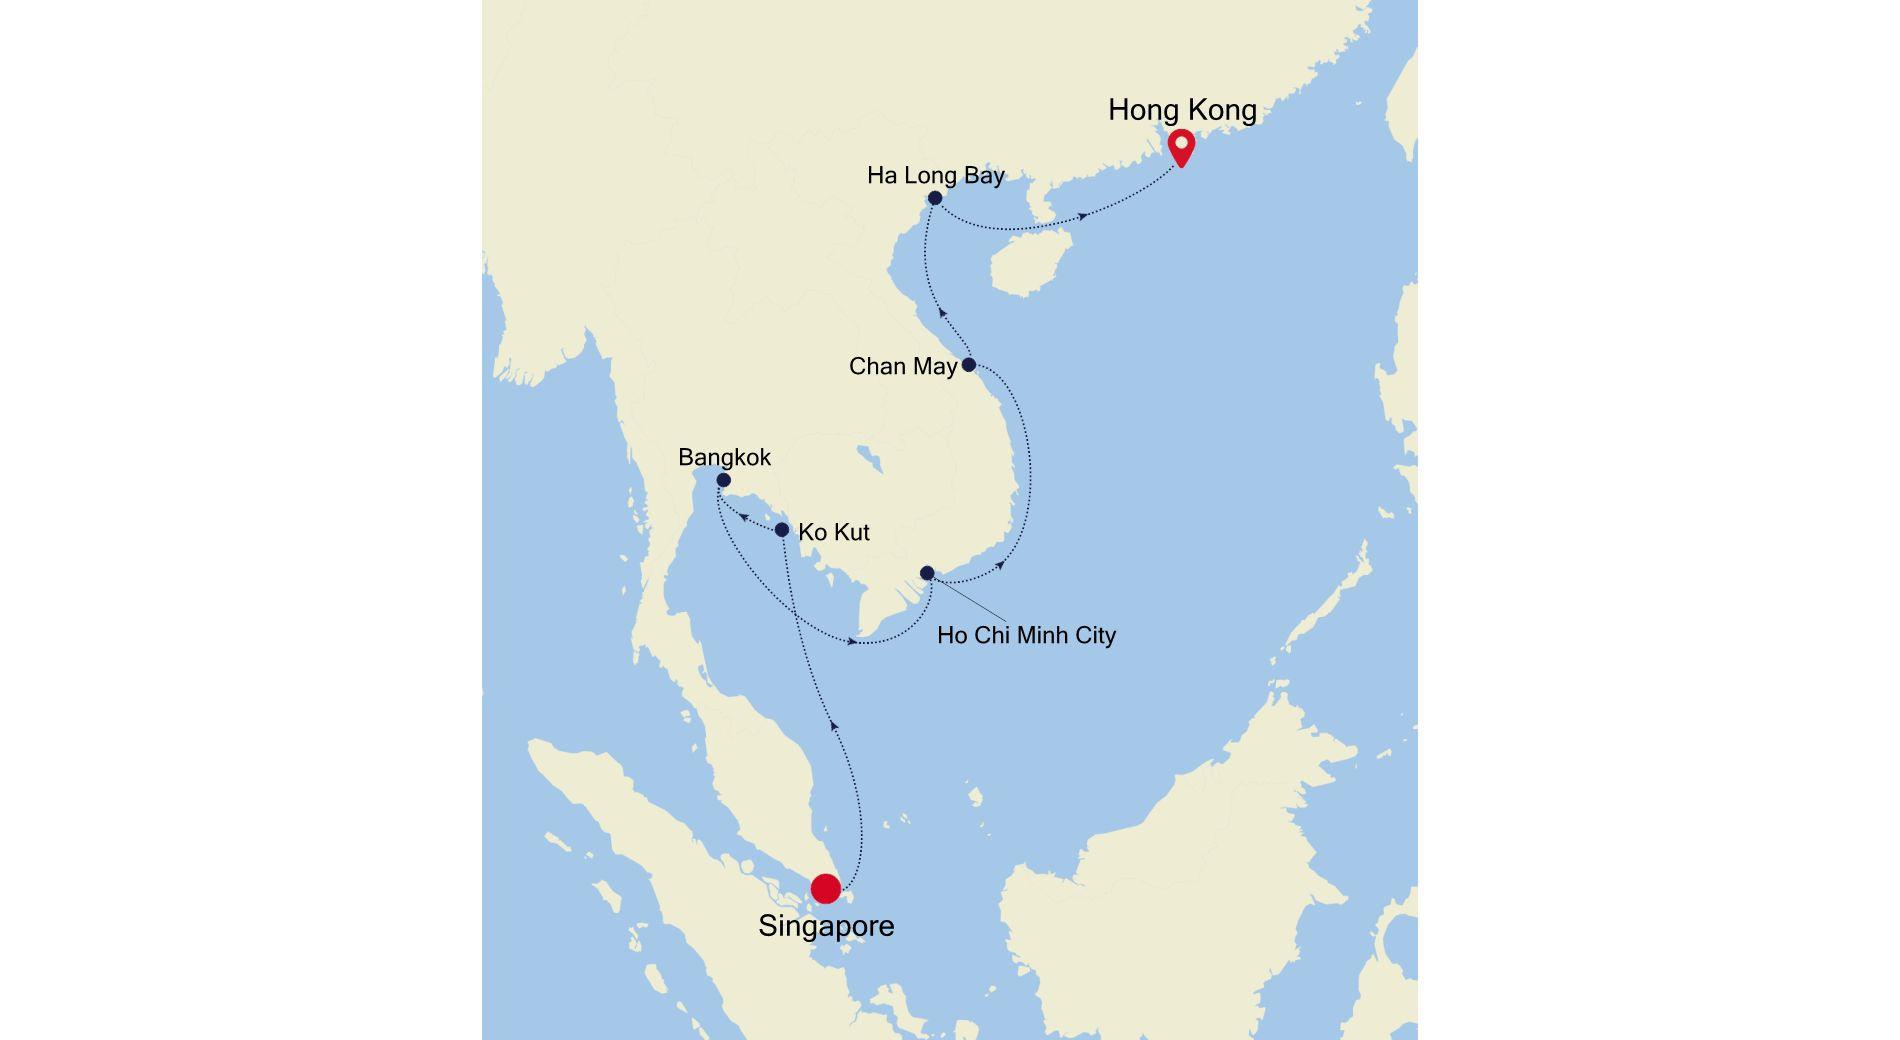 MO220105014 - Singapore nach Hong Kong